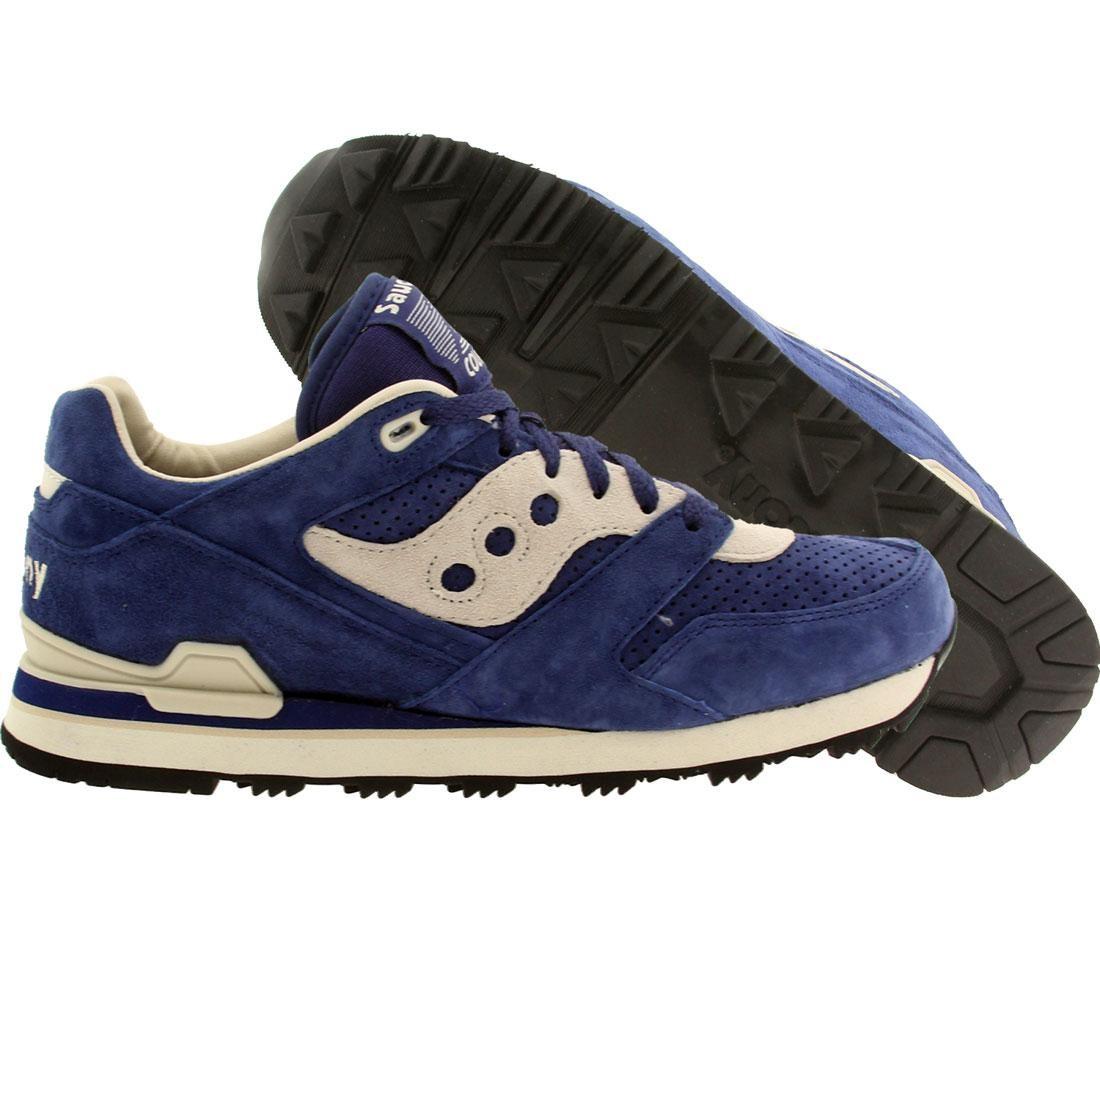 【海外限定】サッカニー スニーカー メンズ靴 【 SAUCONY MEN COURAGEOUS BLUE 】